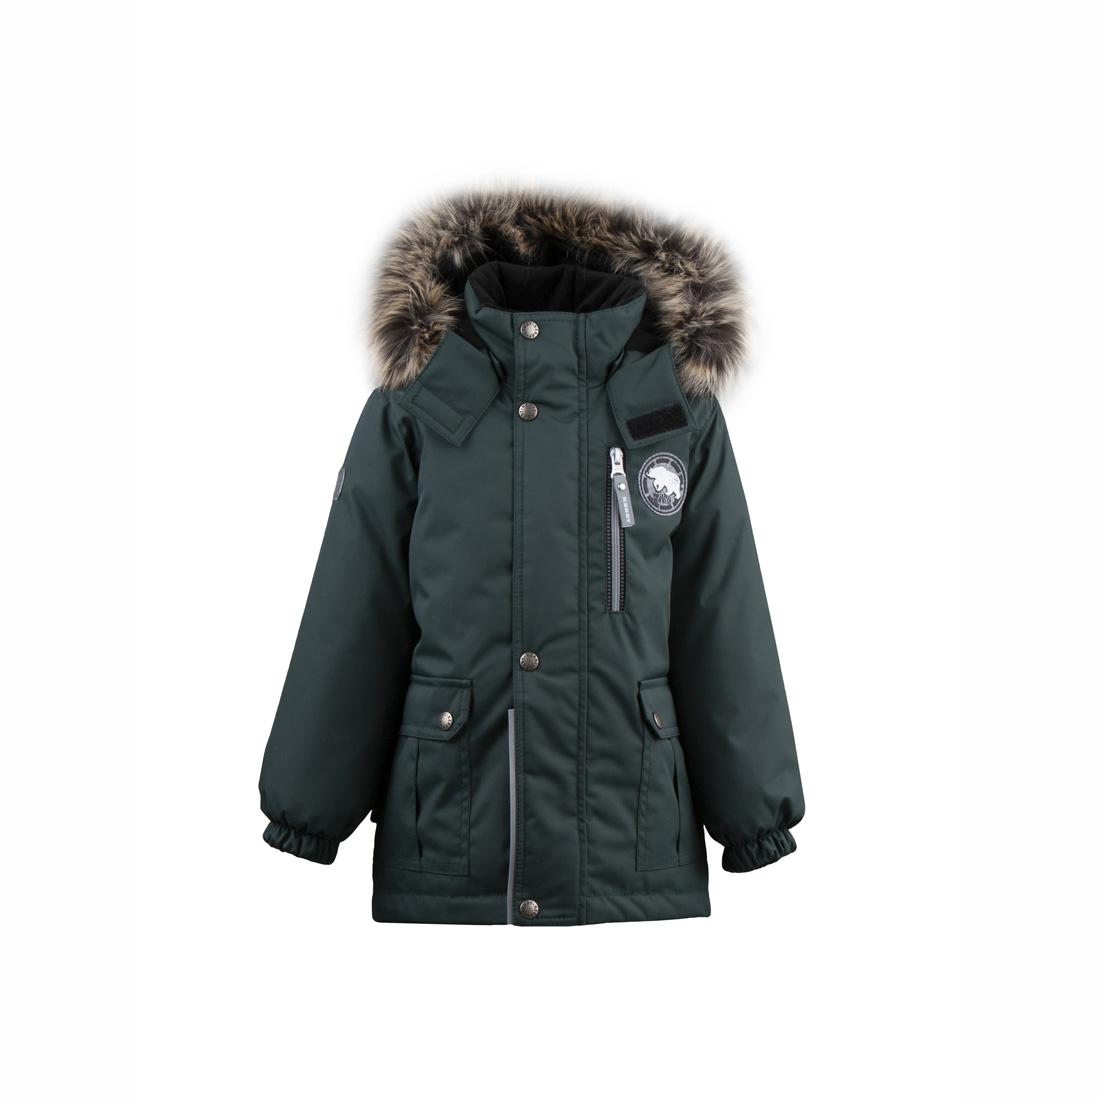 Купить Куртка для мальчиков KERRY SNOW K19441, размер 104,